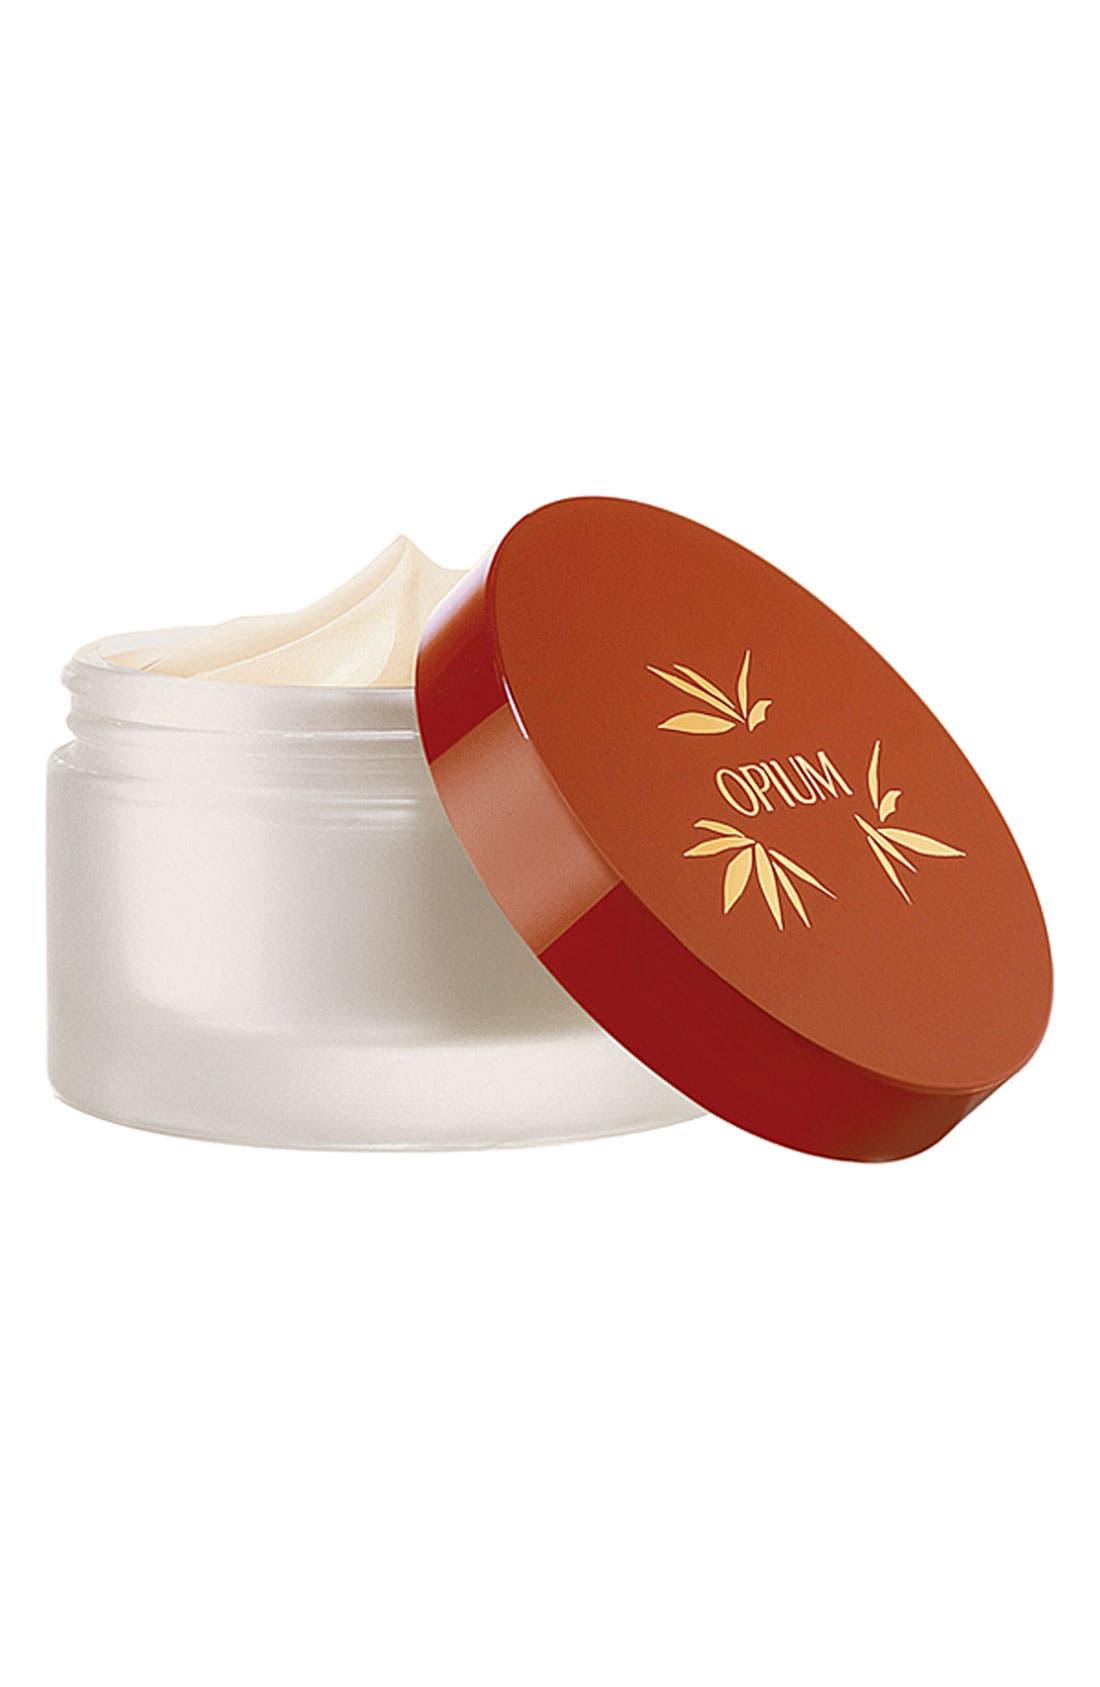 Yves Saint Laurent Opium Body Crème